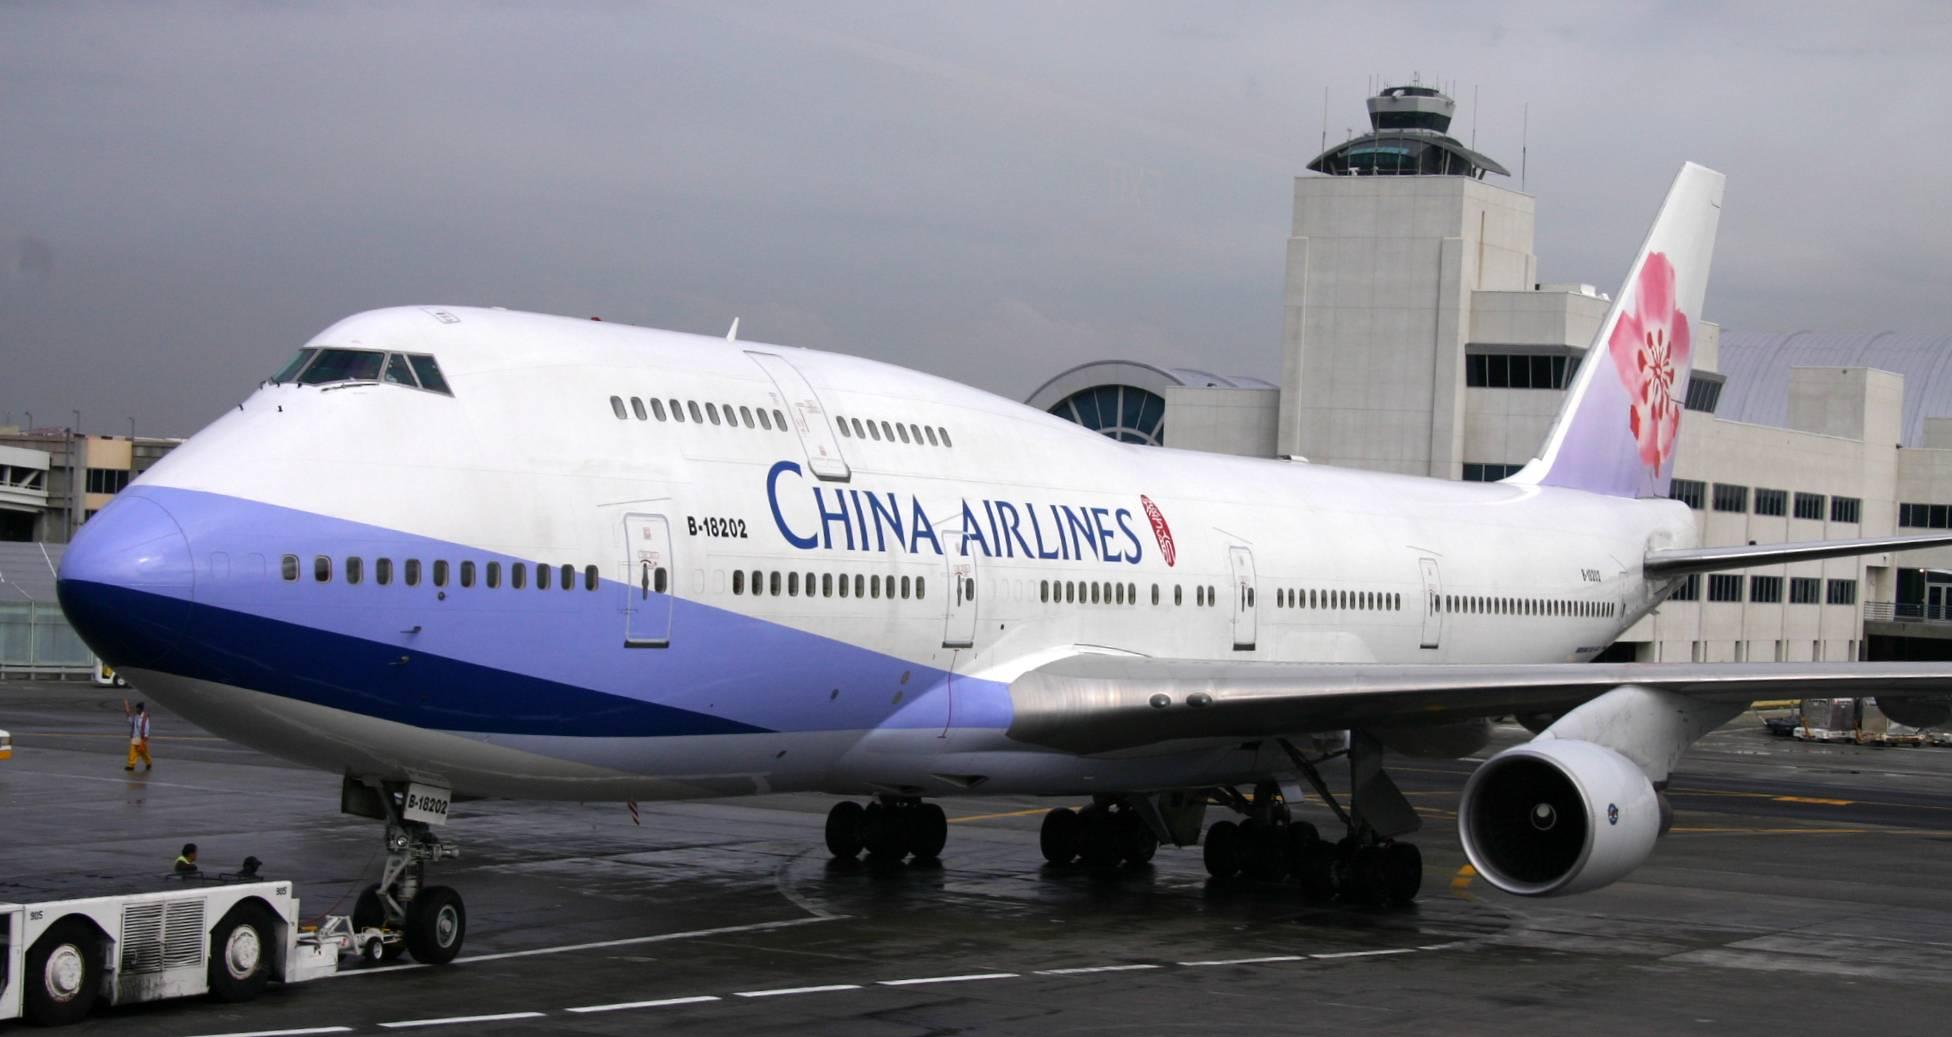 中華航空 China Airlines